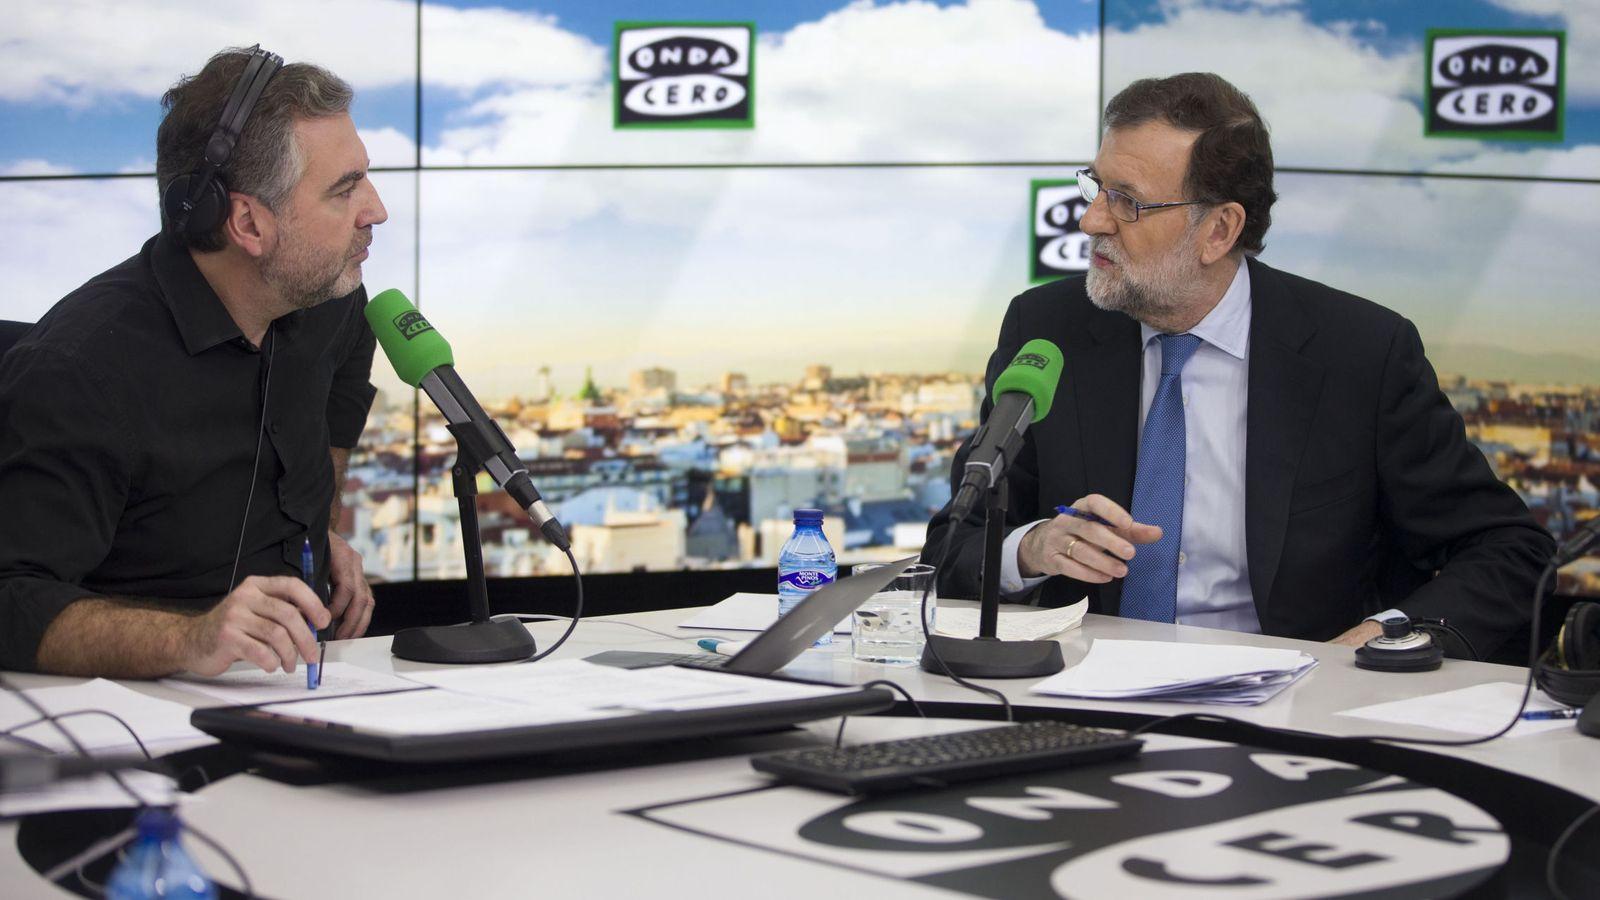 Foto: Fotografía facilitada por Presidencia de Gobierno, del presidente del Ejecutivo, Mariano Rajoy, junto al periodista Carlos Alsina (i). (EFE)